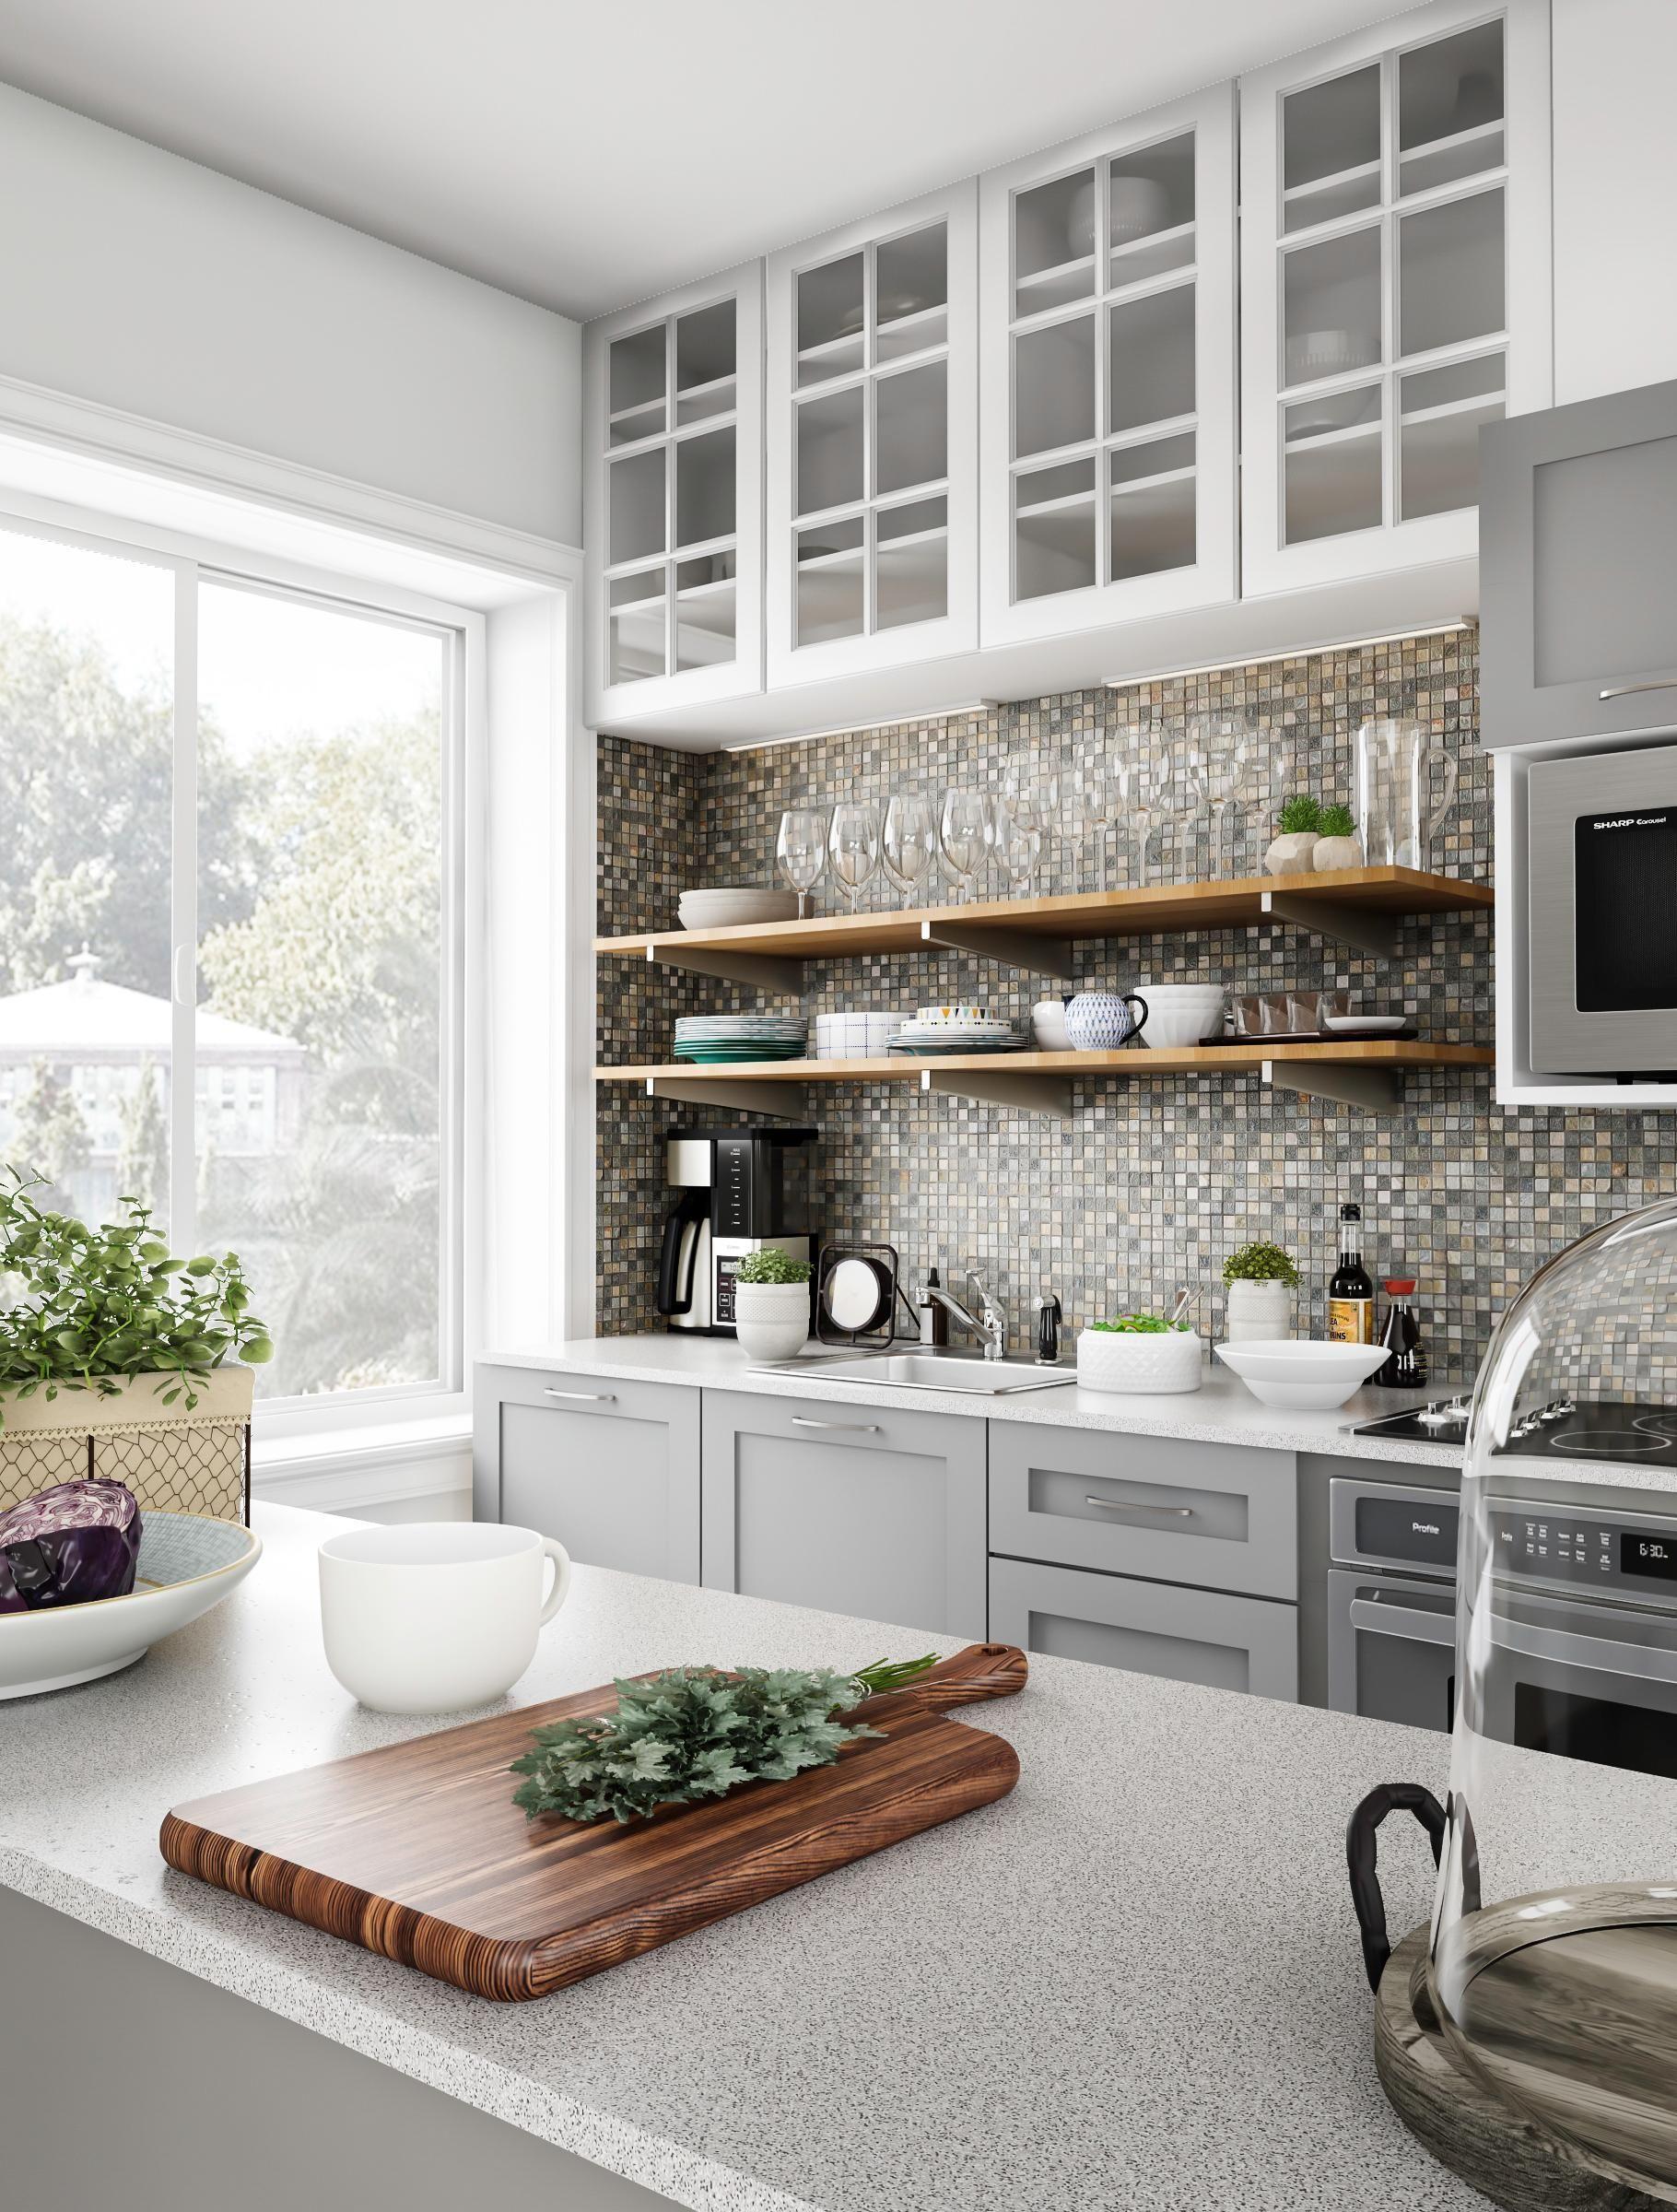 best kitchen cabinet ideas modern farmhouse and diy kitchen remodel best kitchen cabinets on kitchen cabinets modern contemporary id=84277